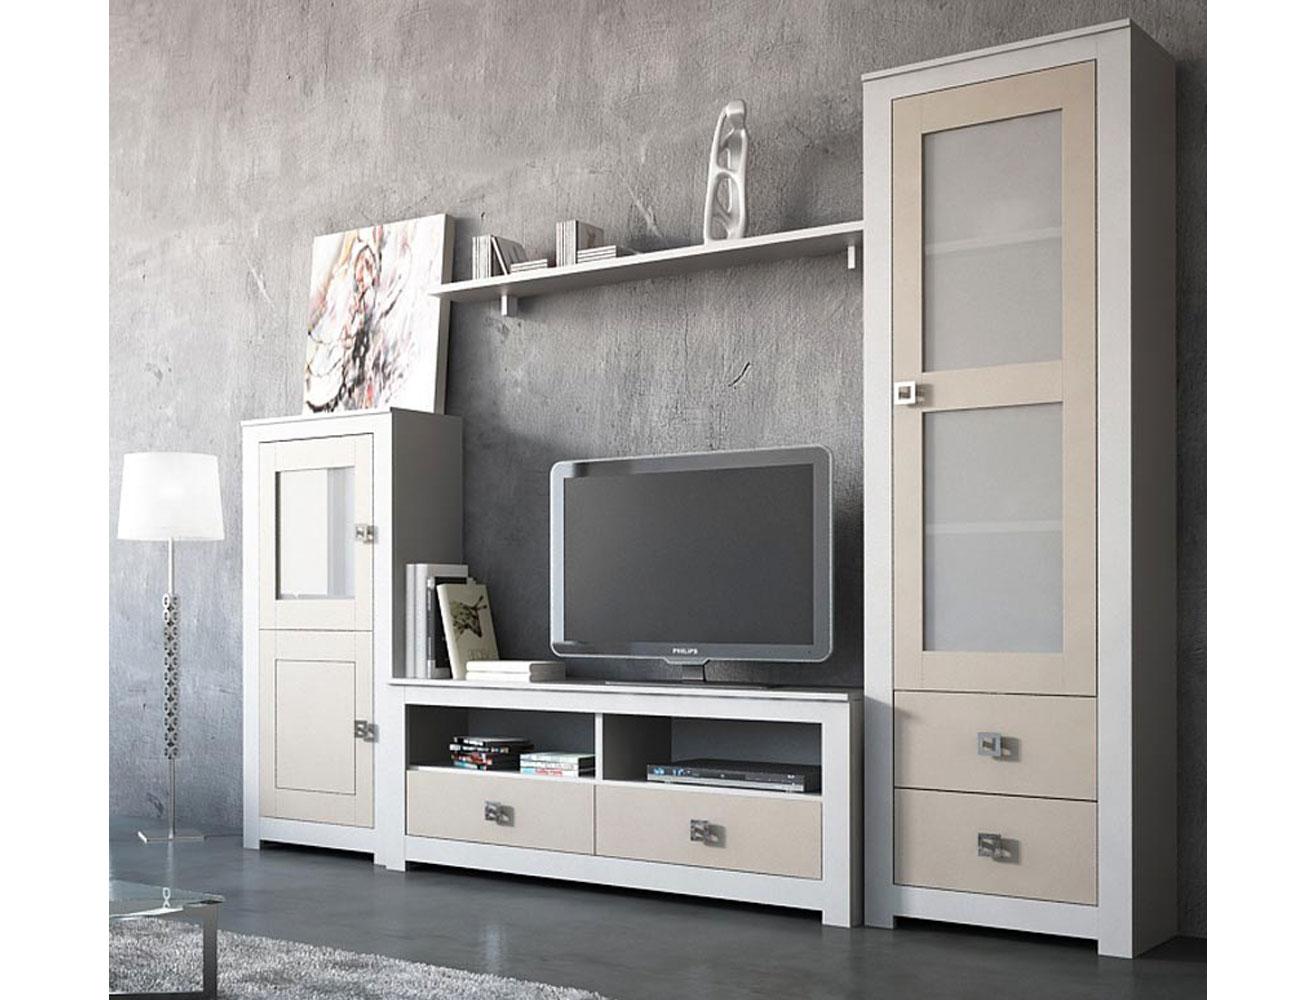 Muebles salon comedor lacado blanco piedra bodeguero 2 puertas